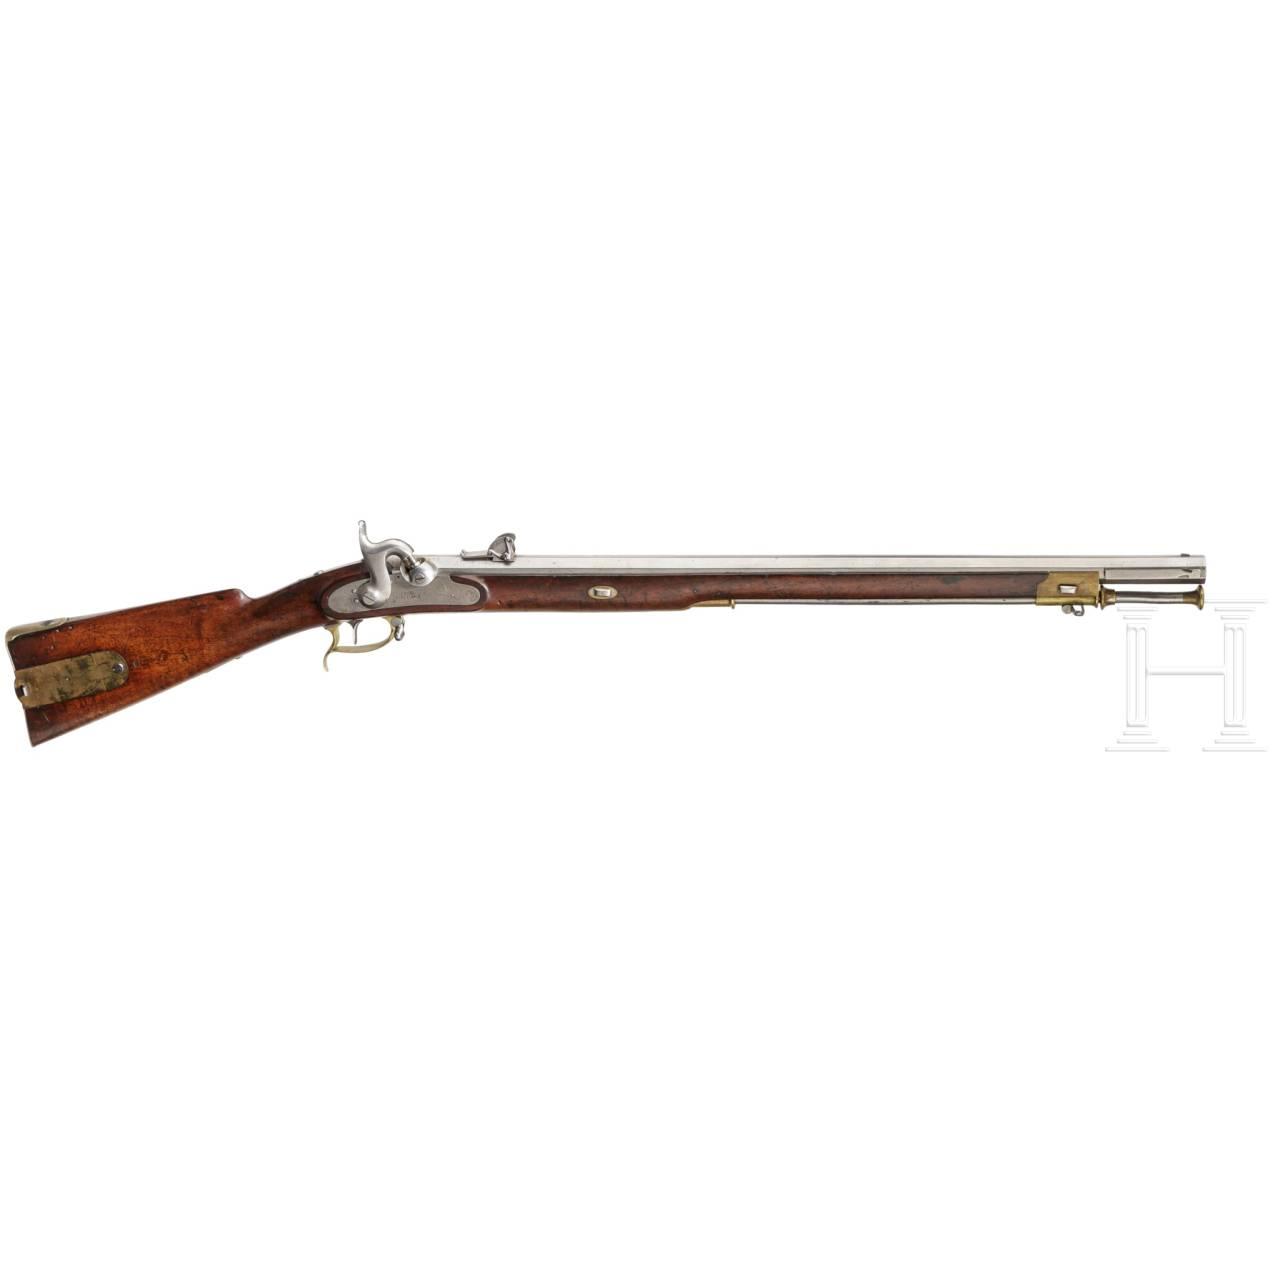 Scharfschützenbüchse M 1845, System Wild, 1. Modell